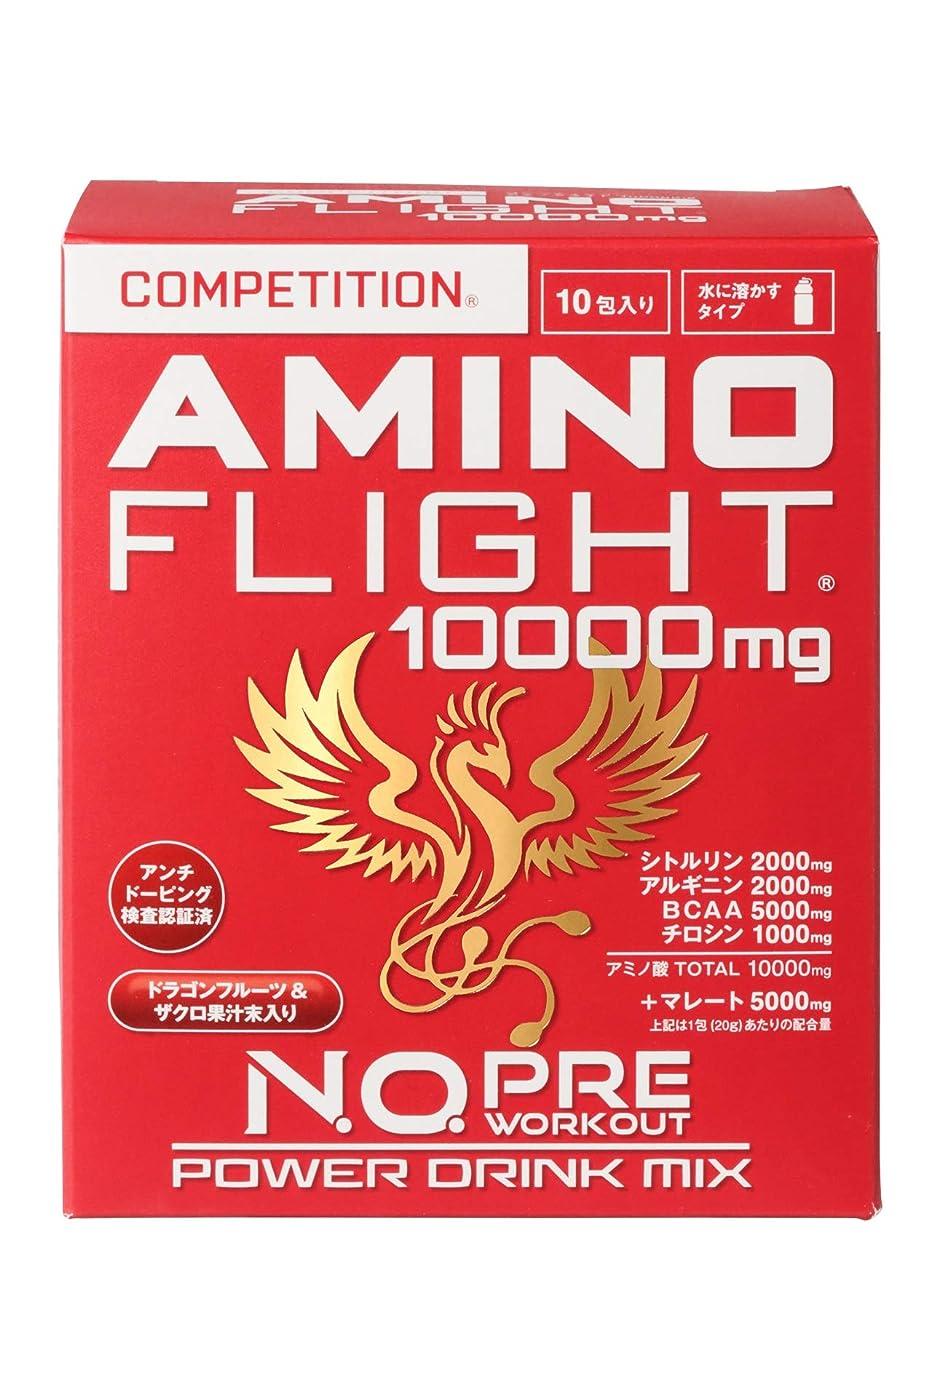 ばかげた世論調査地味なアミノフライト10000mg -コンペティション- 20g×10包入り 粉末(水に溶かすタイプ)